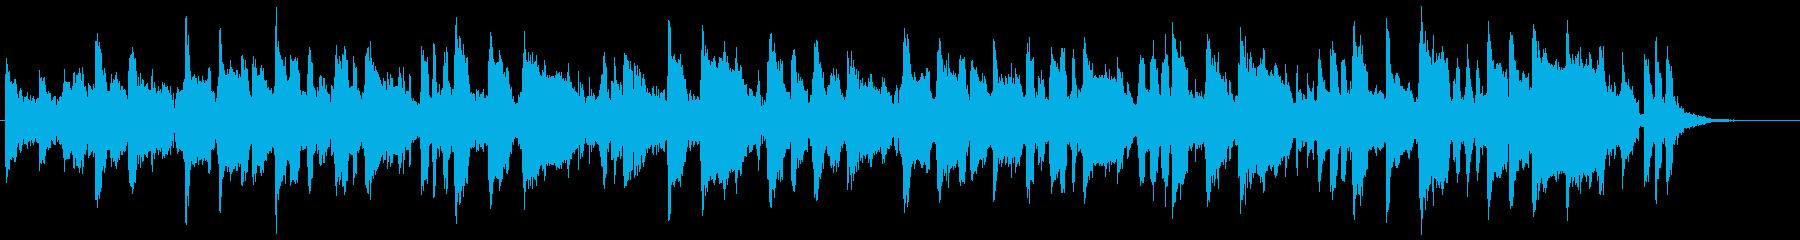 さくらんぼをテーマにした楽曲の再生済みの波形